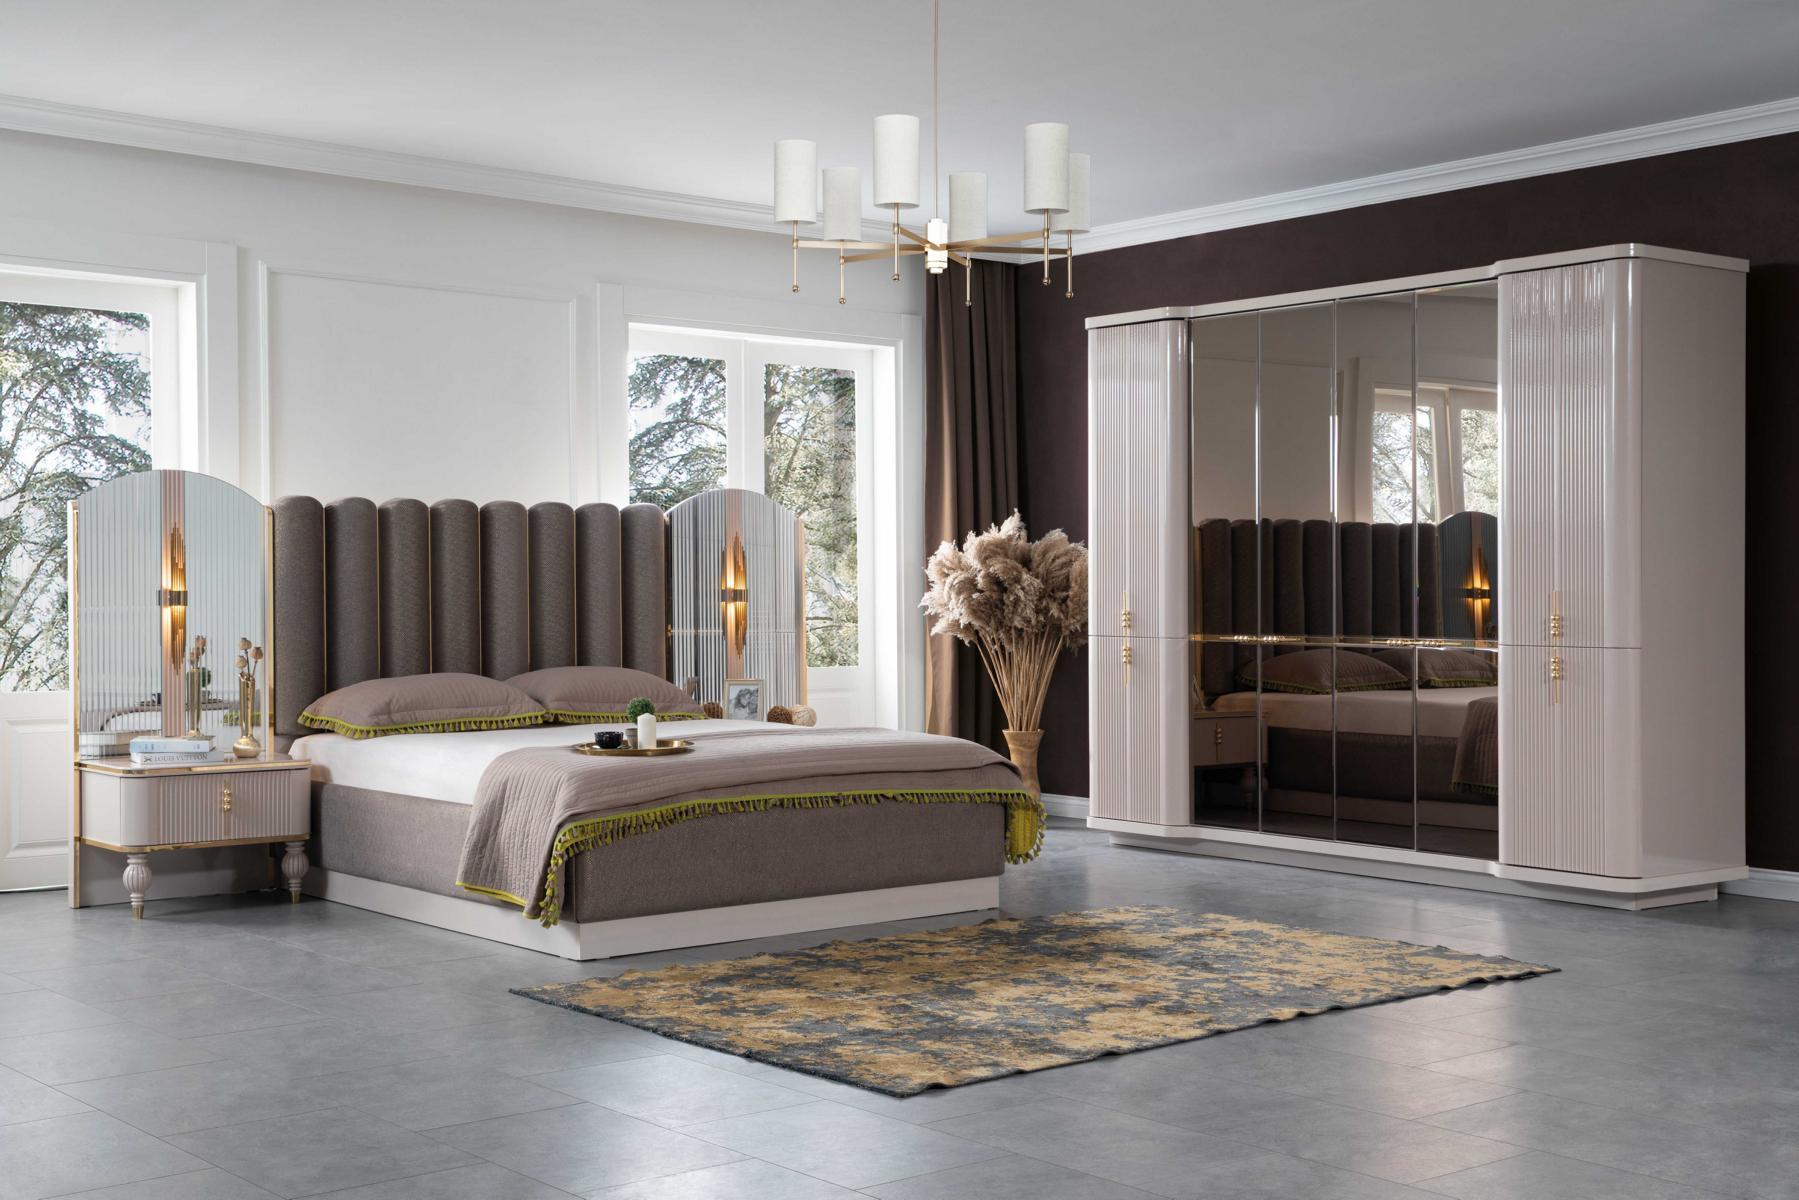 Lidya Schlafzimmer Set Pemi mit Bett in 180x200 cm